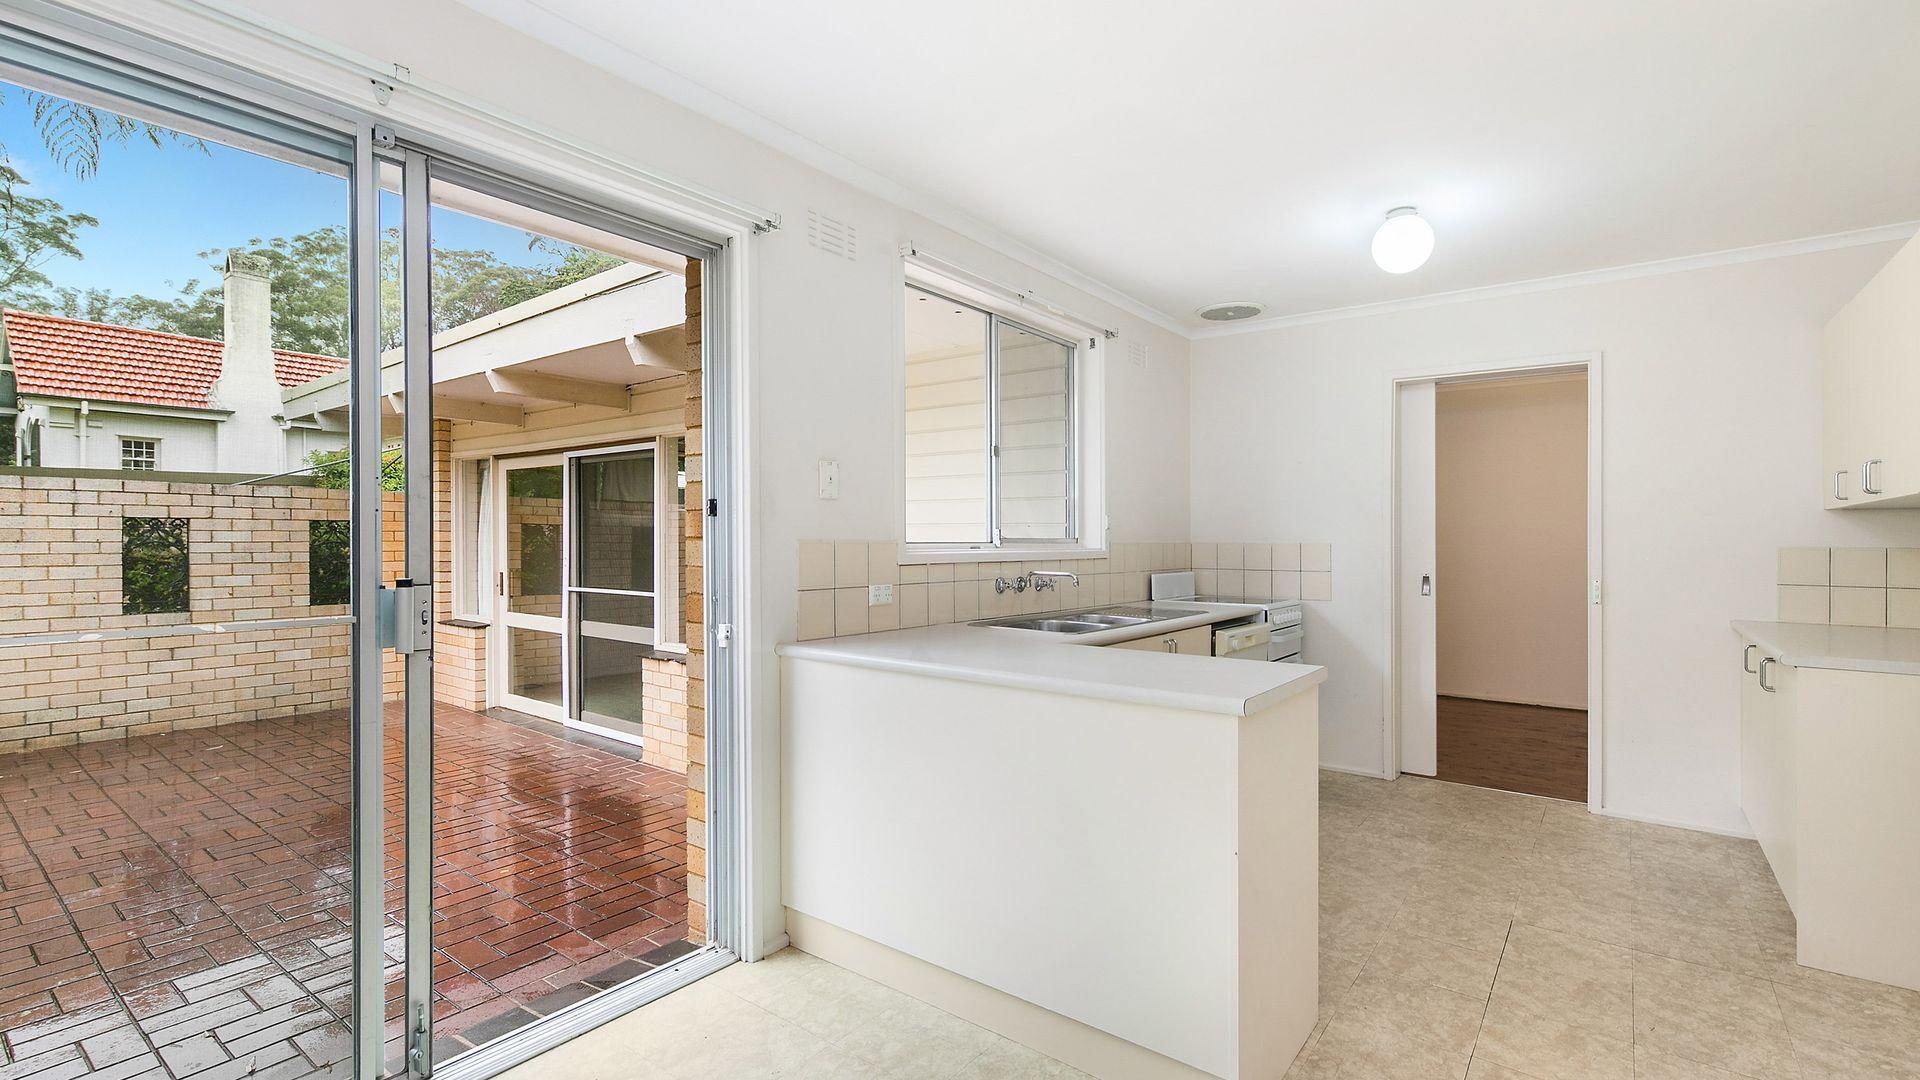 39 Station Street, Pymble NSW 2073, Image 2